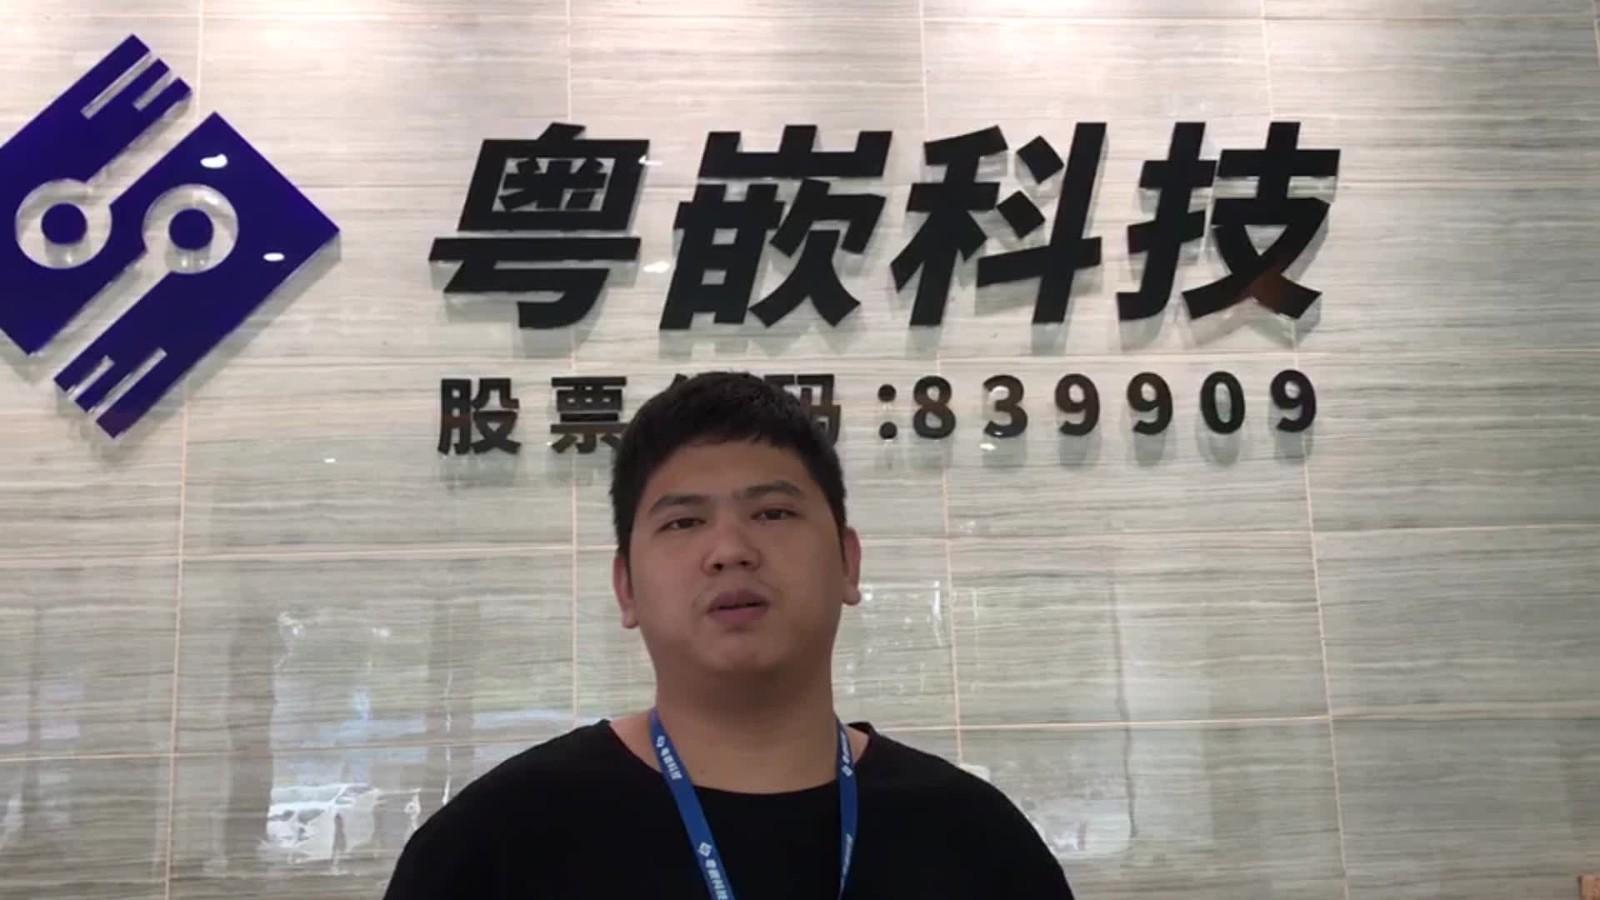 粤嵌java培训班毕业学员候延臻的就业感言!